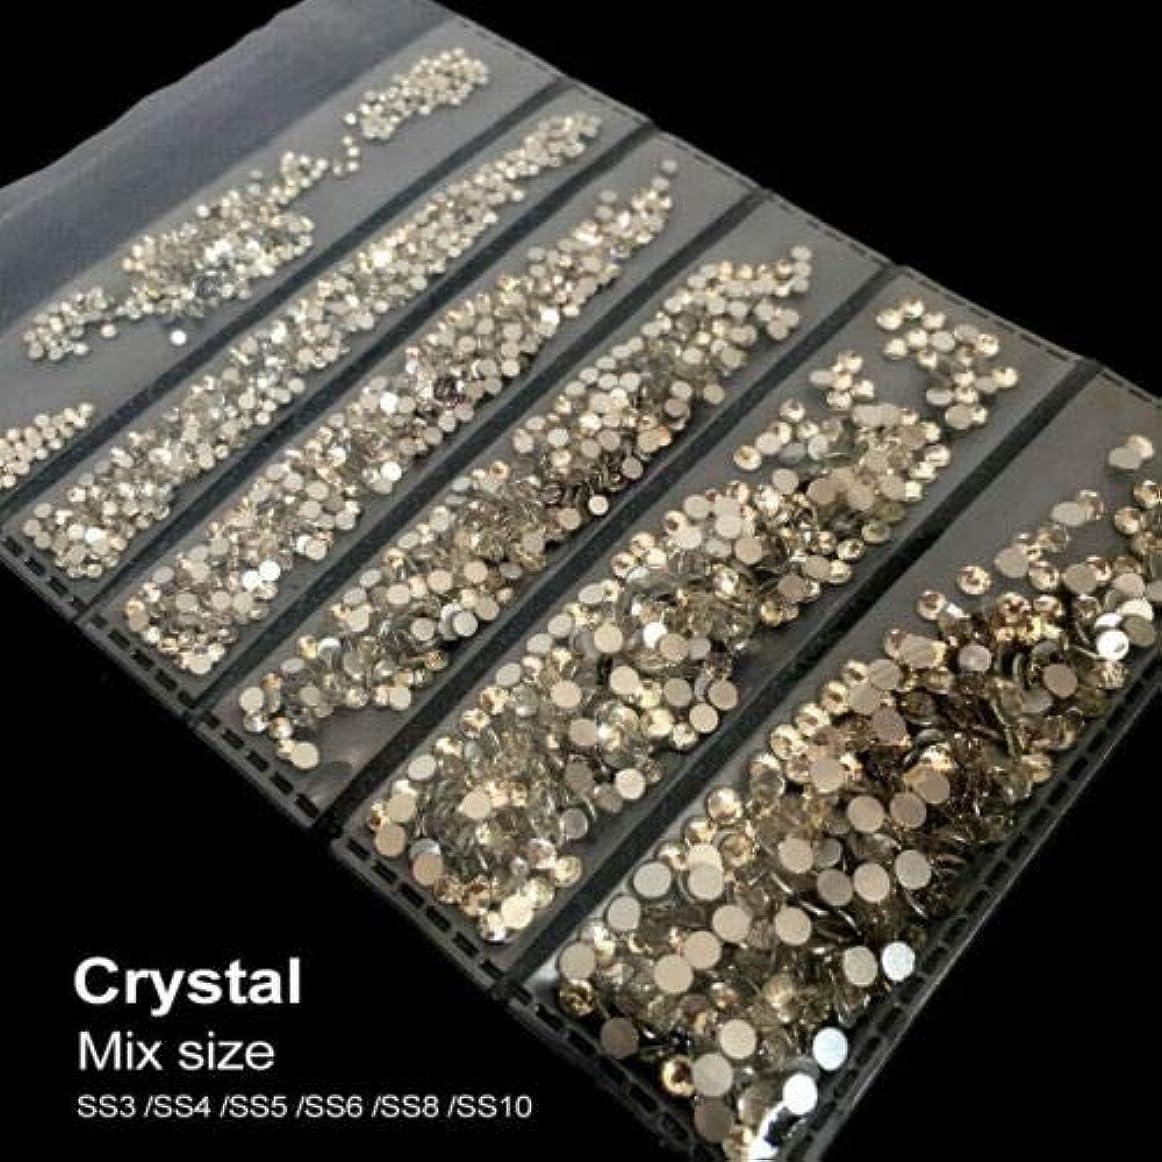 動的ベックスオーバーフローFidgetGear ミックスサイズ1.2 mm - 2.8 mmクリスタルガラスラウンドネイルアートラインストーンFlatback 結晶